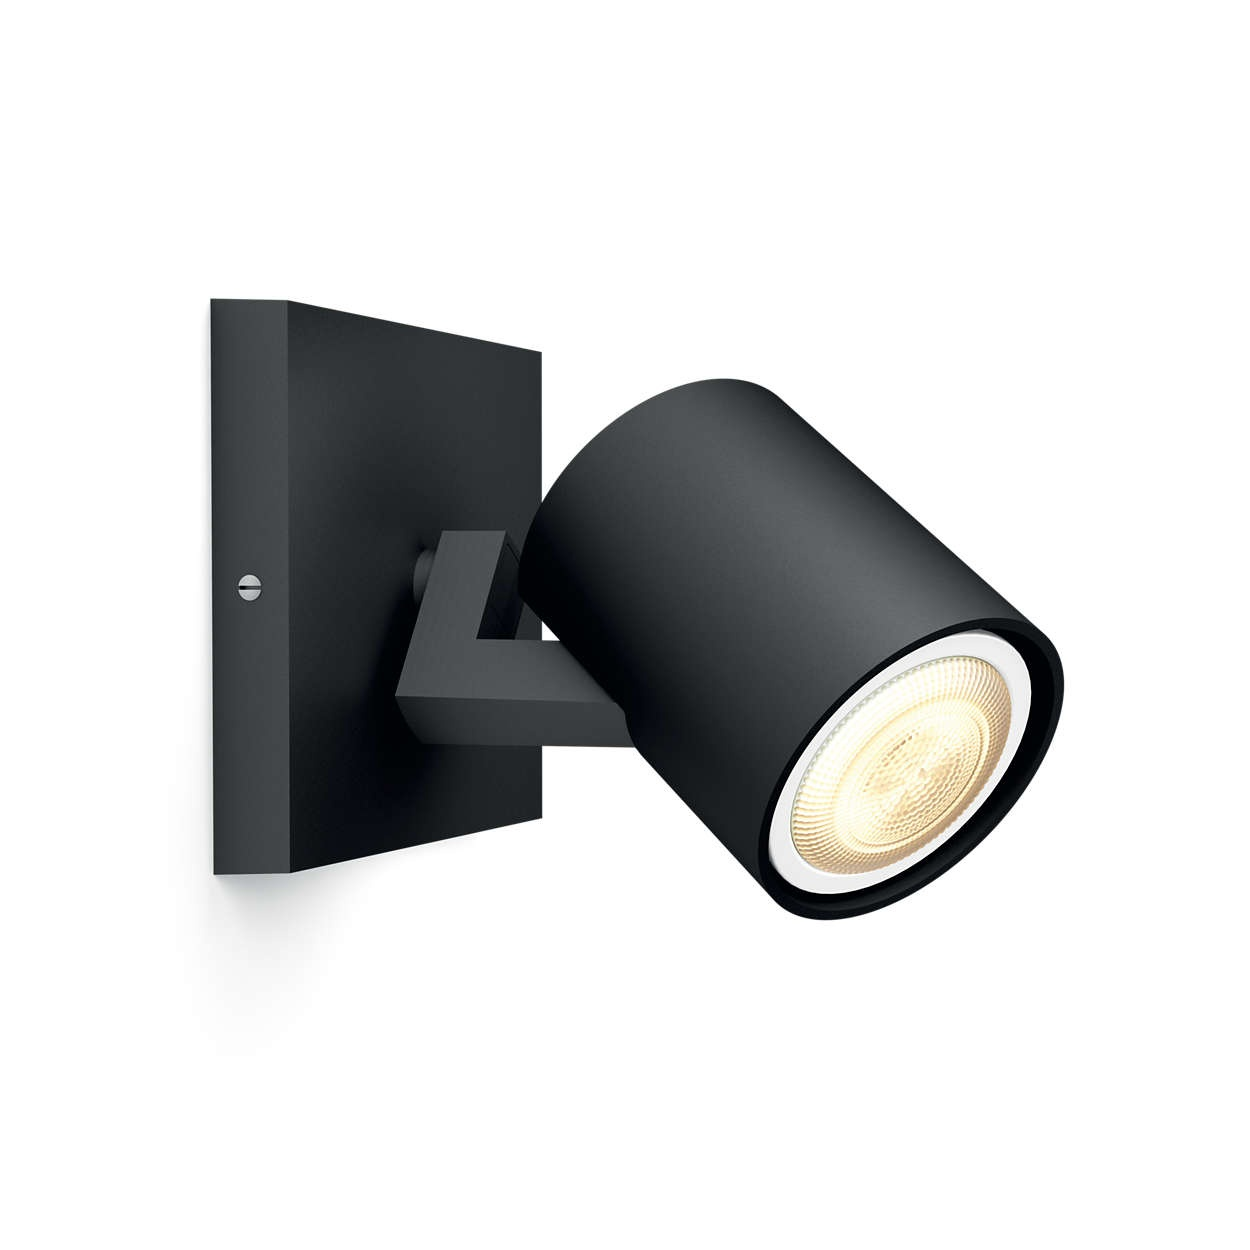 PHILIPS Runner Jednobodové svítidlo, Hue White ambiance, 230V, 1x5.5W GU10, Černá, rozšíření